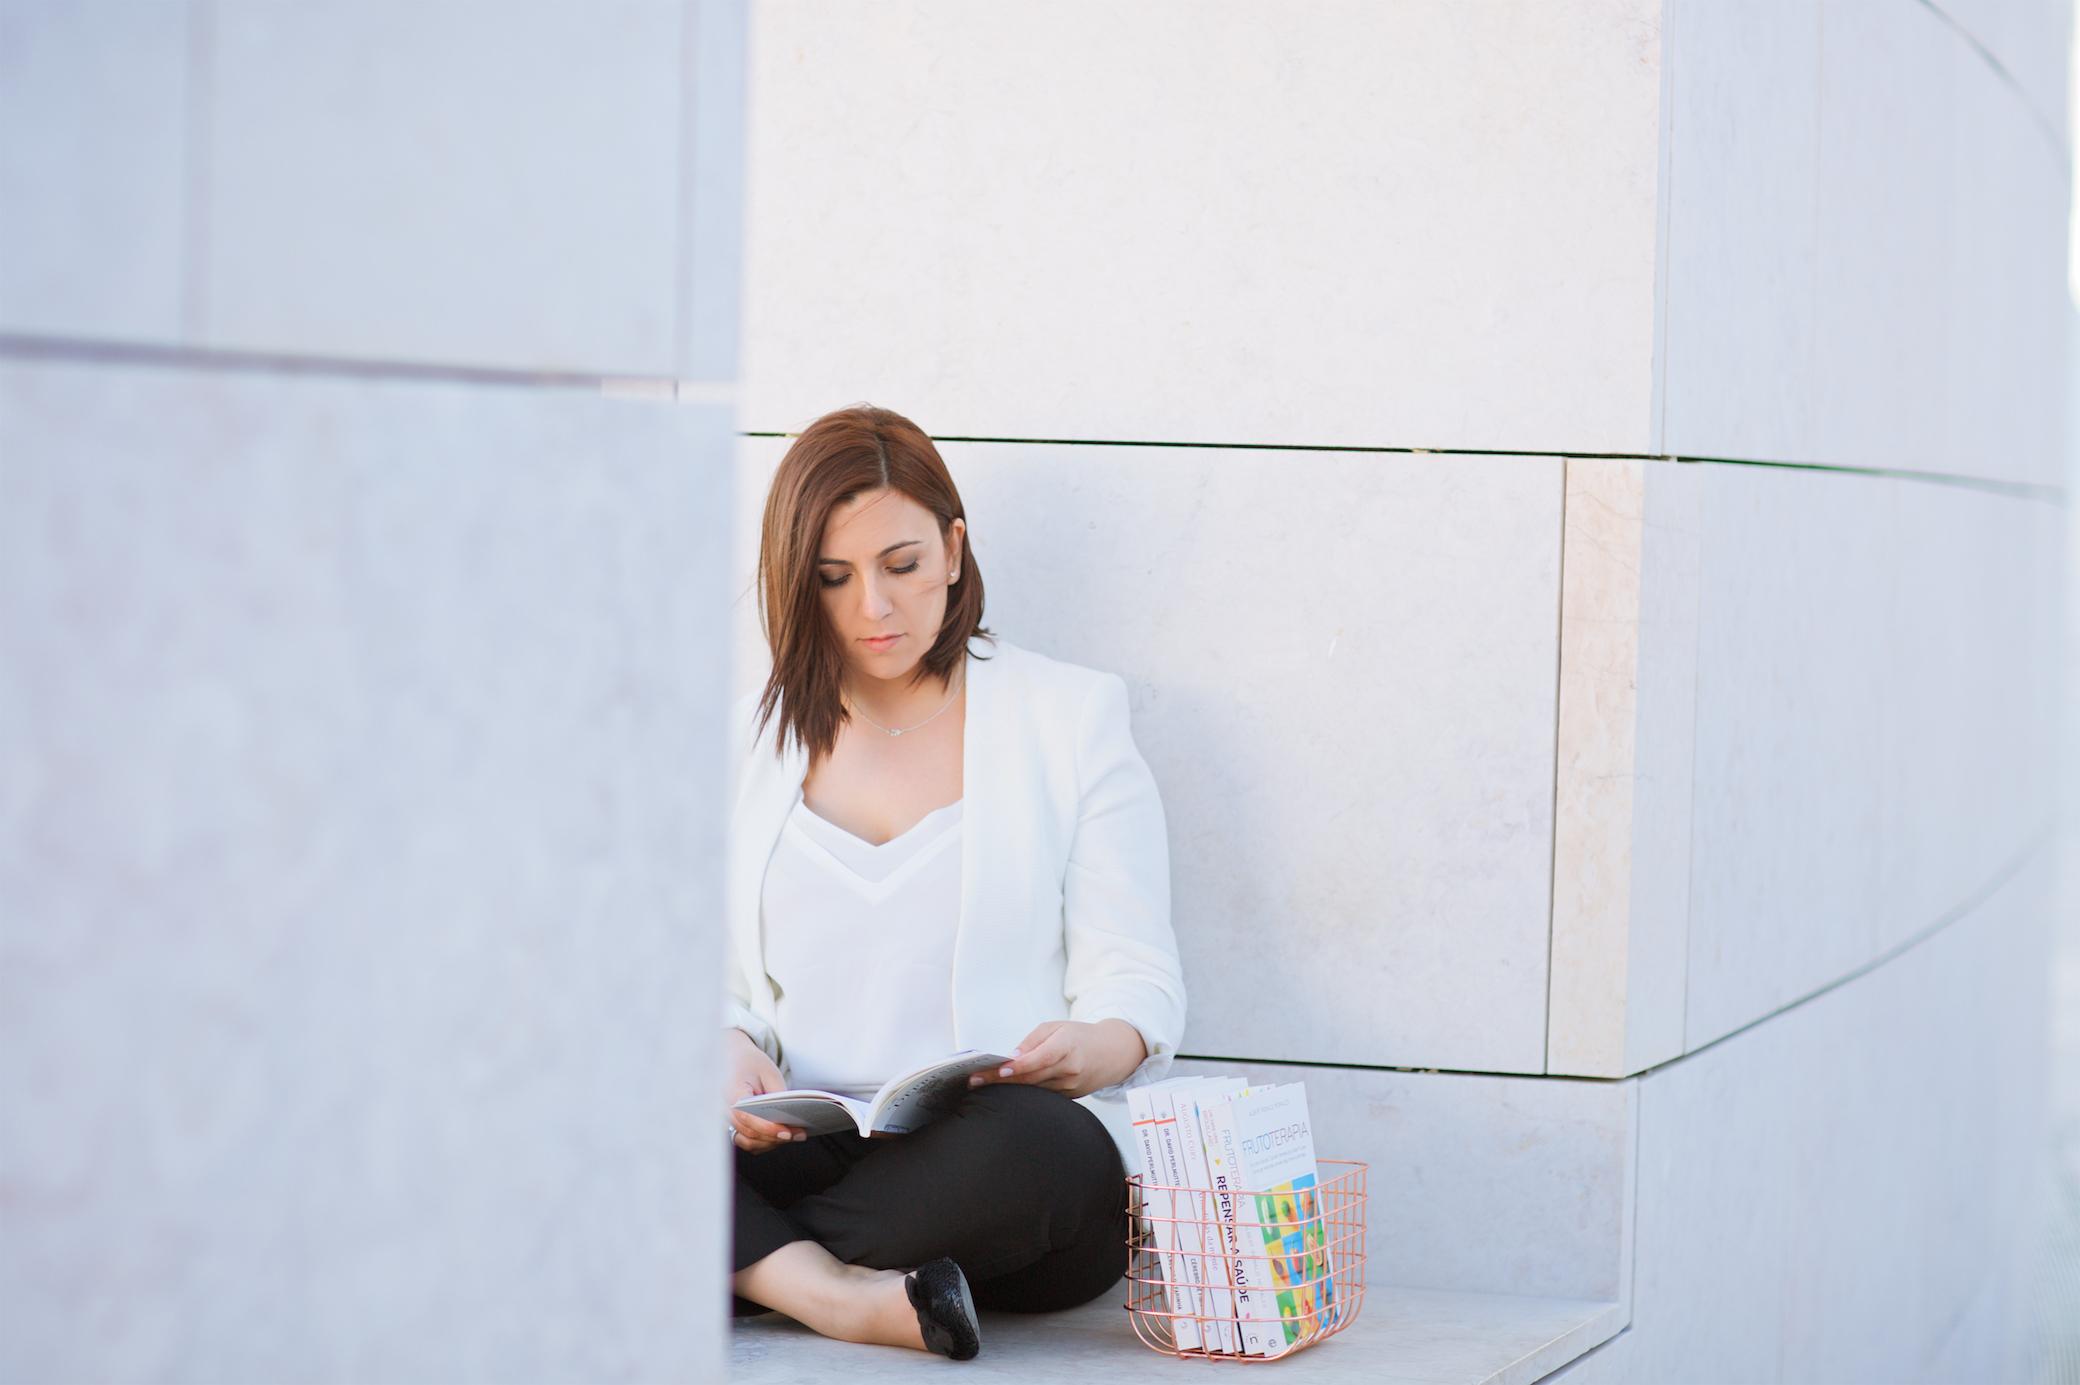 Filipa Ribeiro - Licenciada em Medicina Tradicional Chinesa | Cédula Profissional nr C-006906Formada em Acupuntura Estética e Técnicas Auxiliares de Fisioterapia